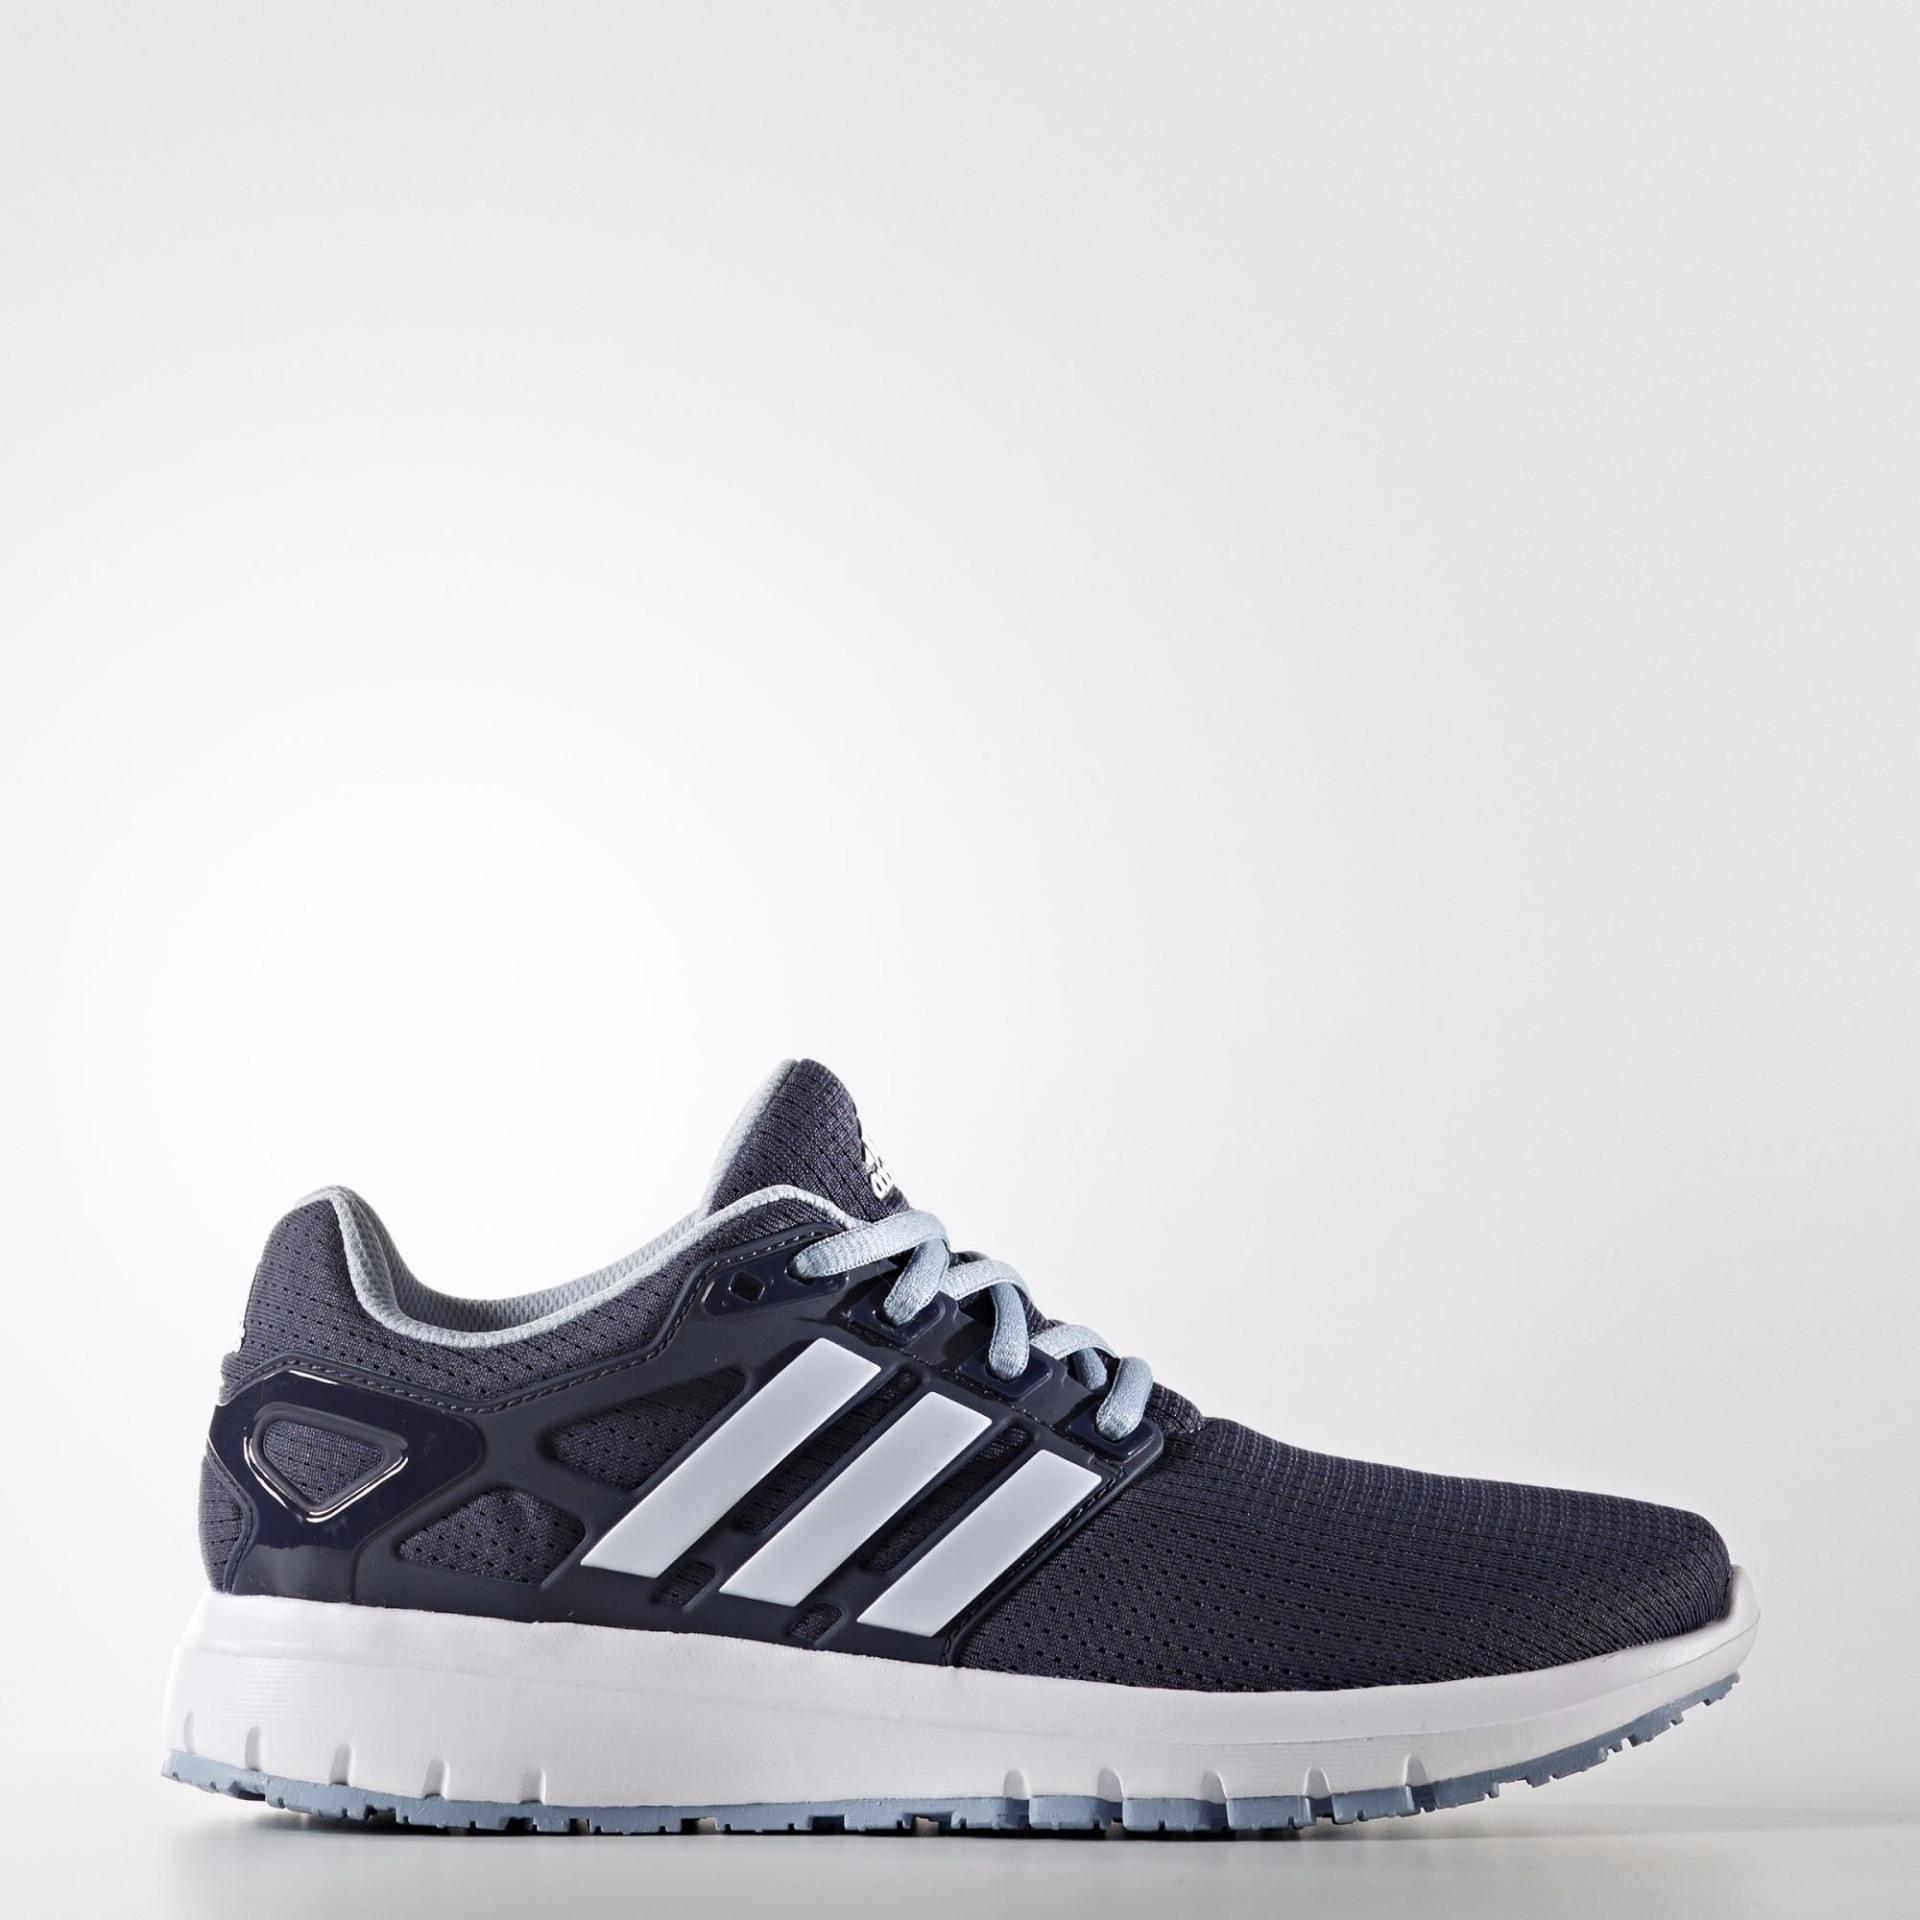 Adidas Sepatu Running Energy Cloud WTC W - BB3163 - Abu tua